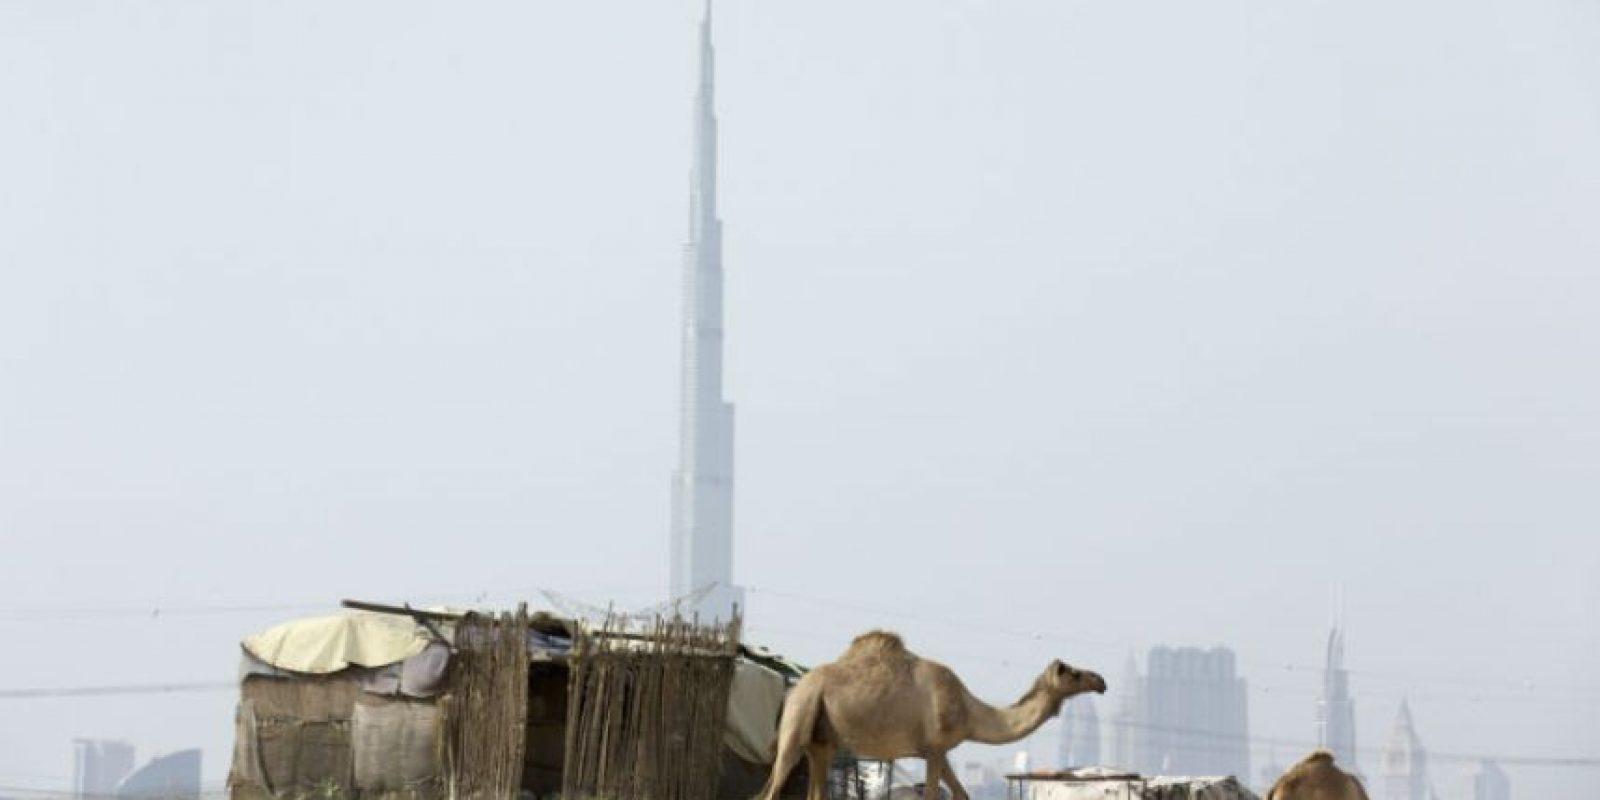 Conocido durante su construcción como Burj Dubái Foto:Getty Images